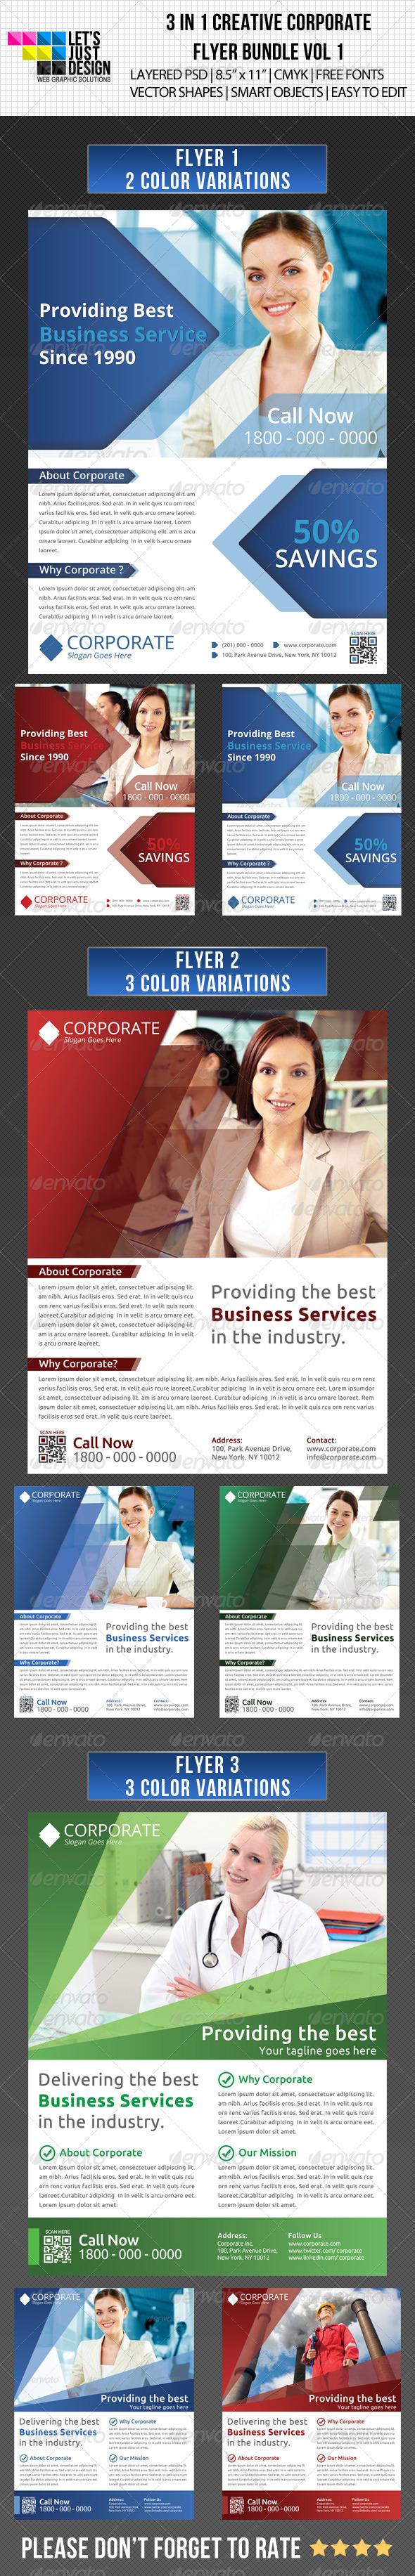 Creative Corporate Flyer Bundle Vol 1 - Corporate Flyers